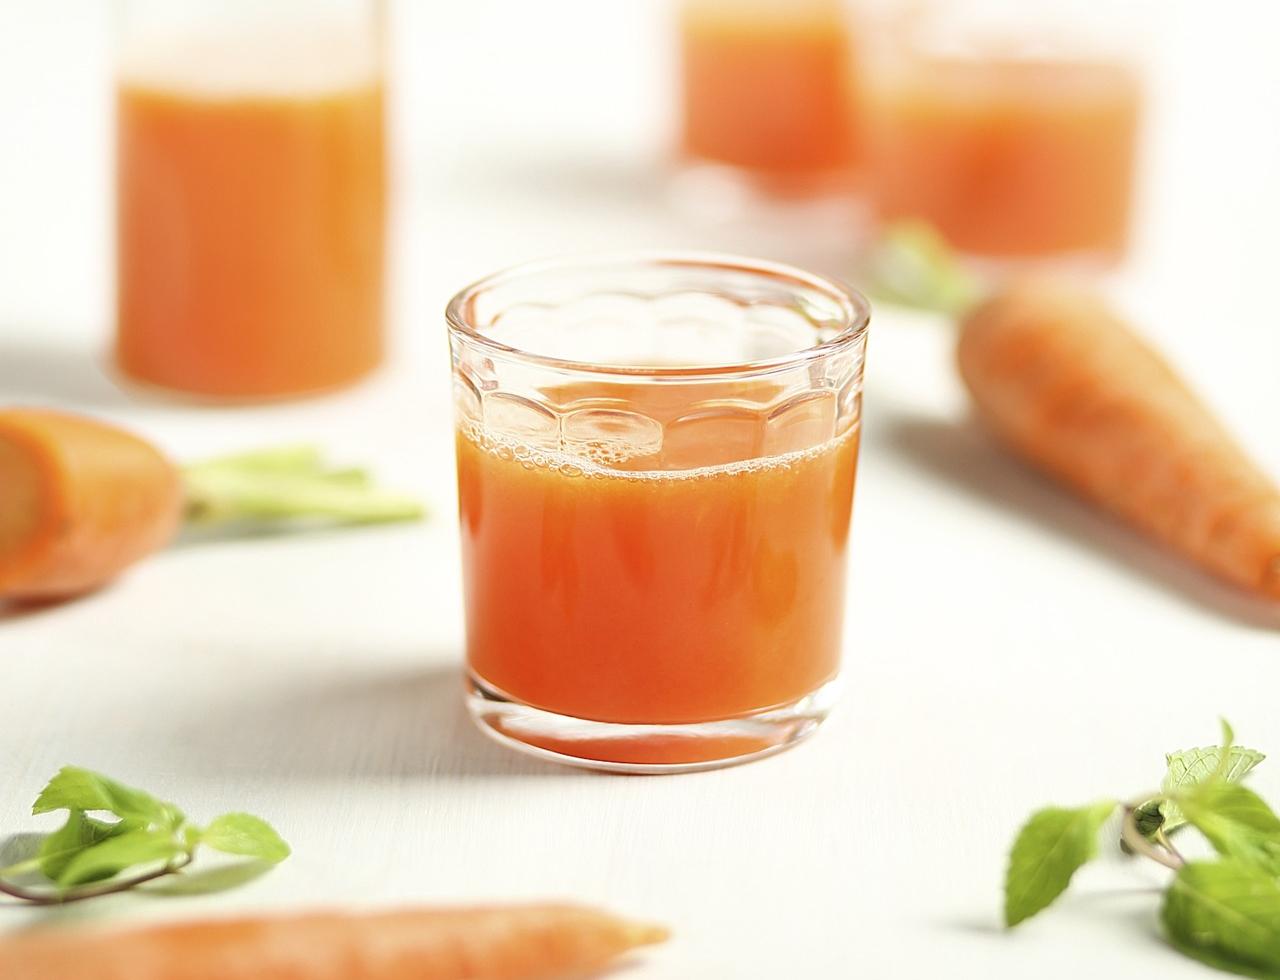 Succo vivo di carota – non solo contro il cancro: 10 benefici e motivi per consumarlo ogni giorno